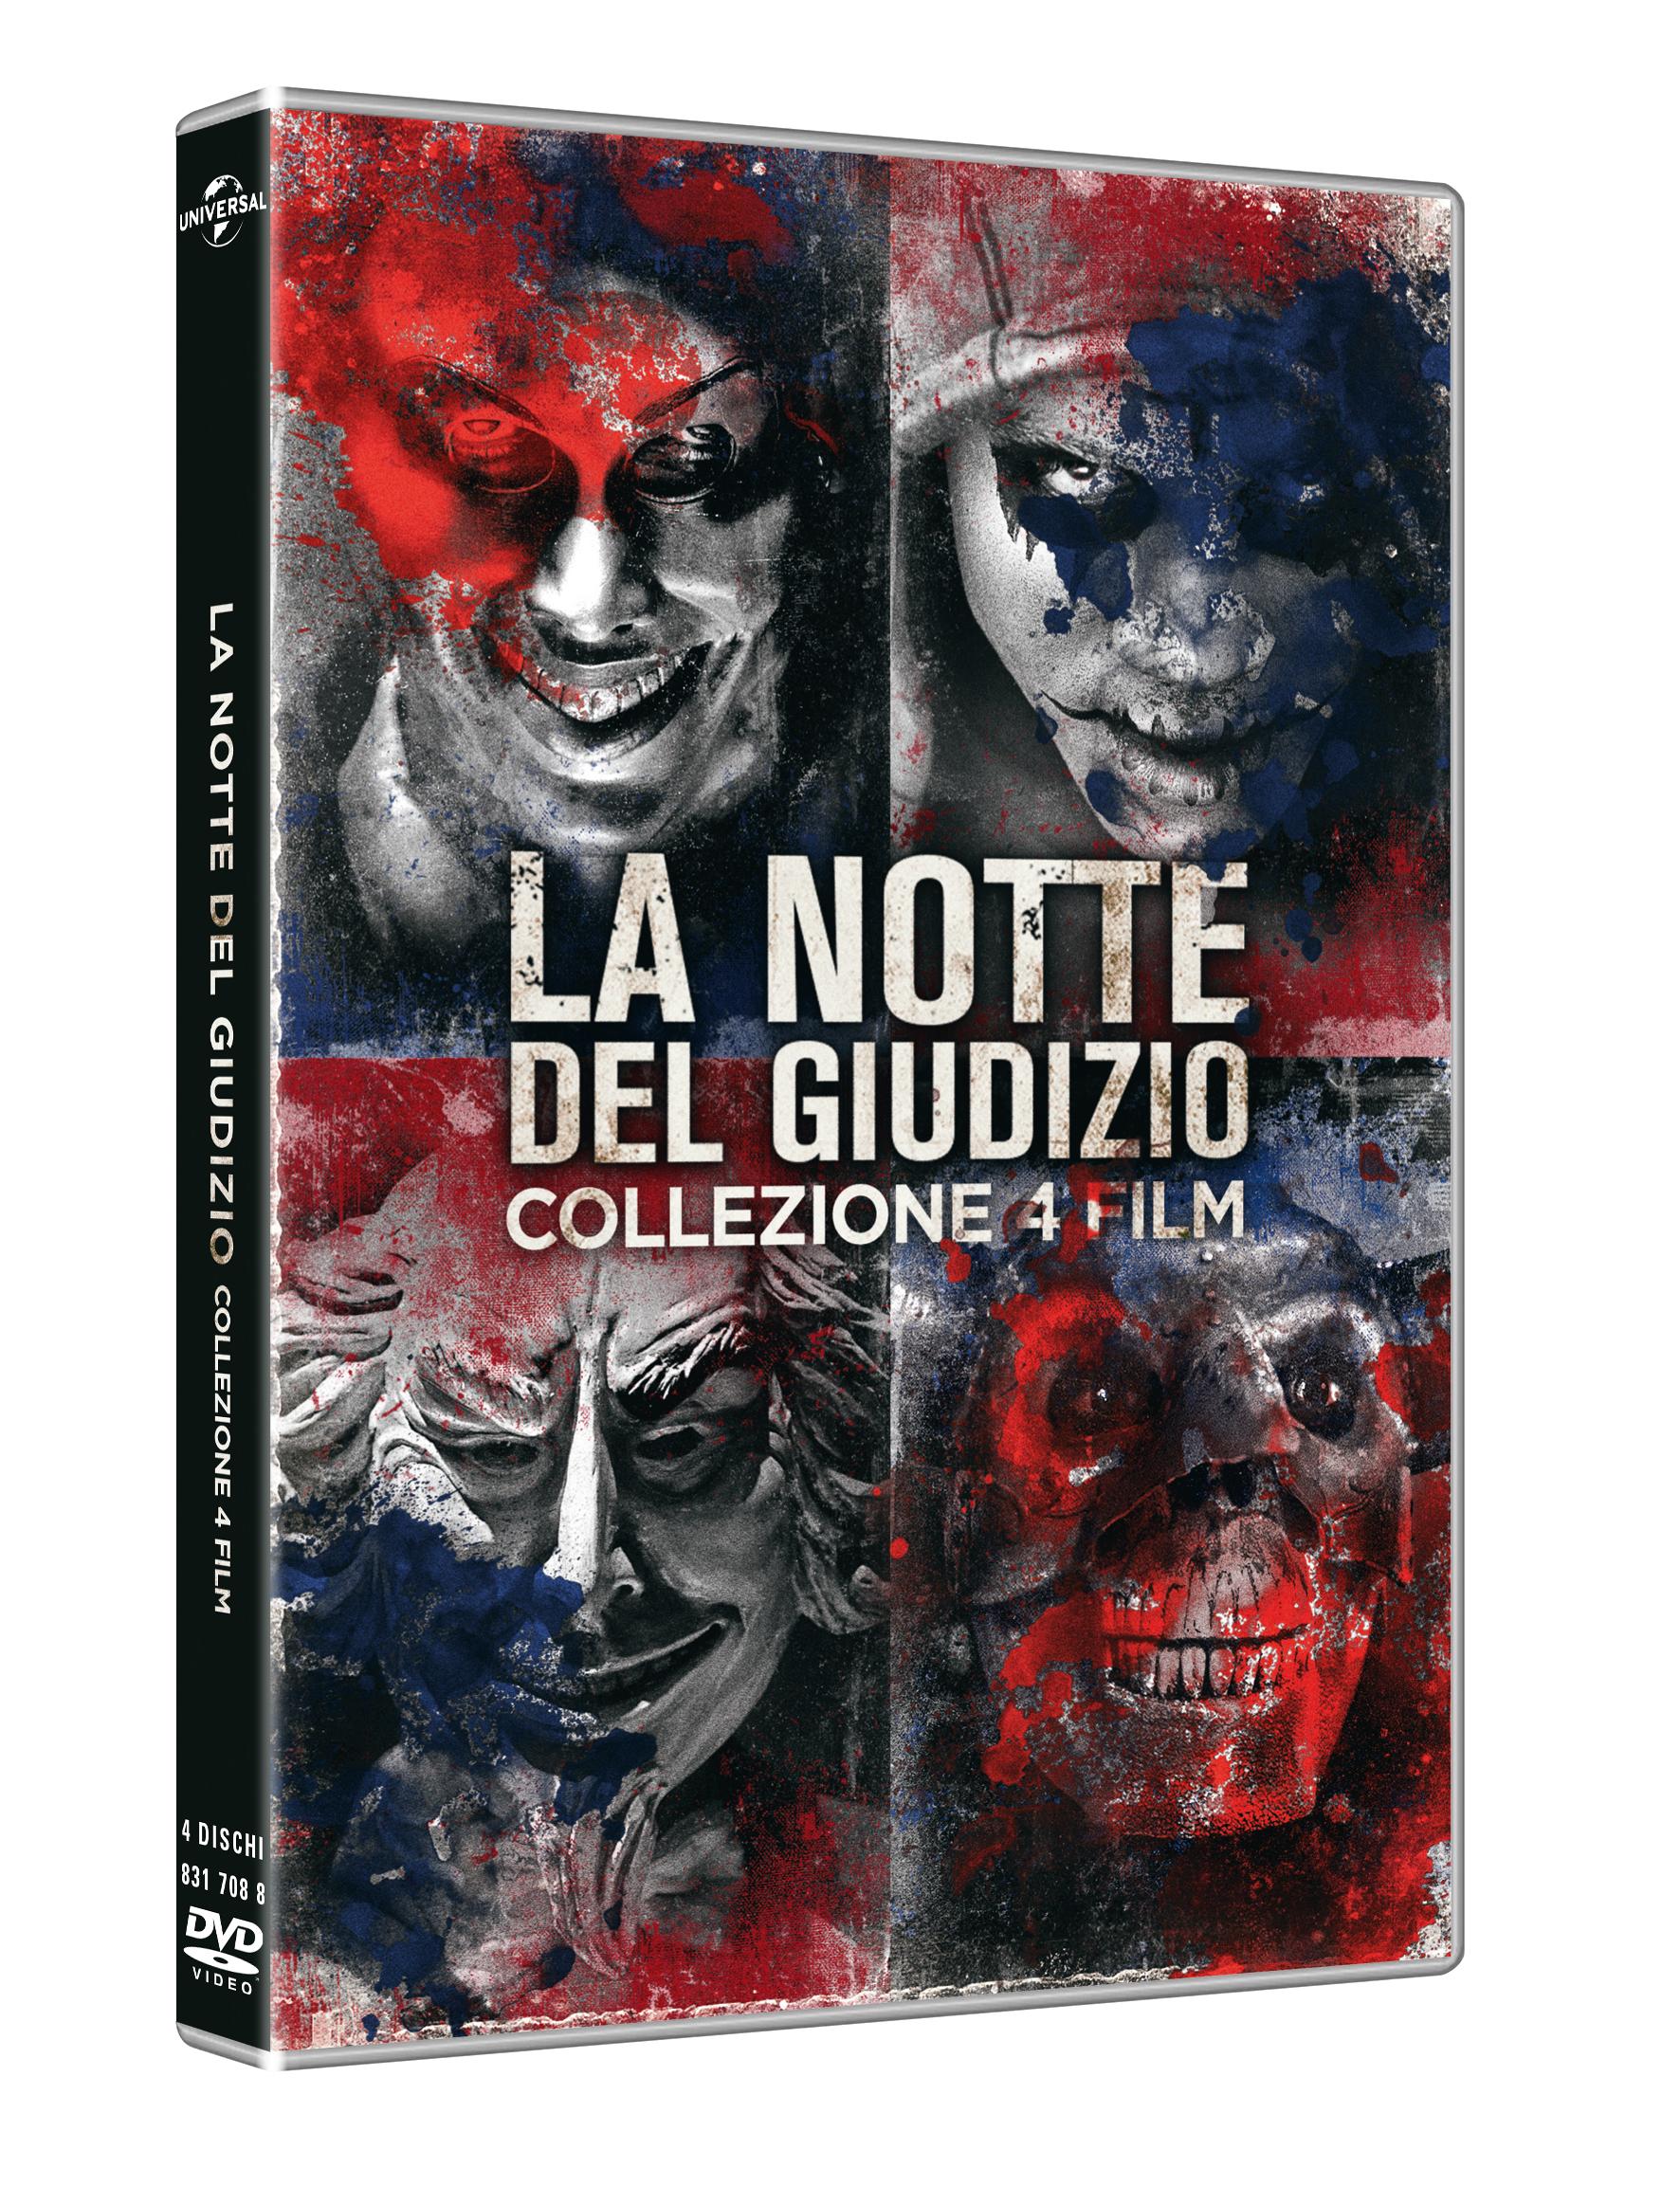 NotteDelGiudizio-Boxset_1-4_Ita_DVD_Ret_8317088-40_3D (1)